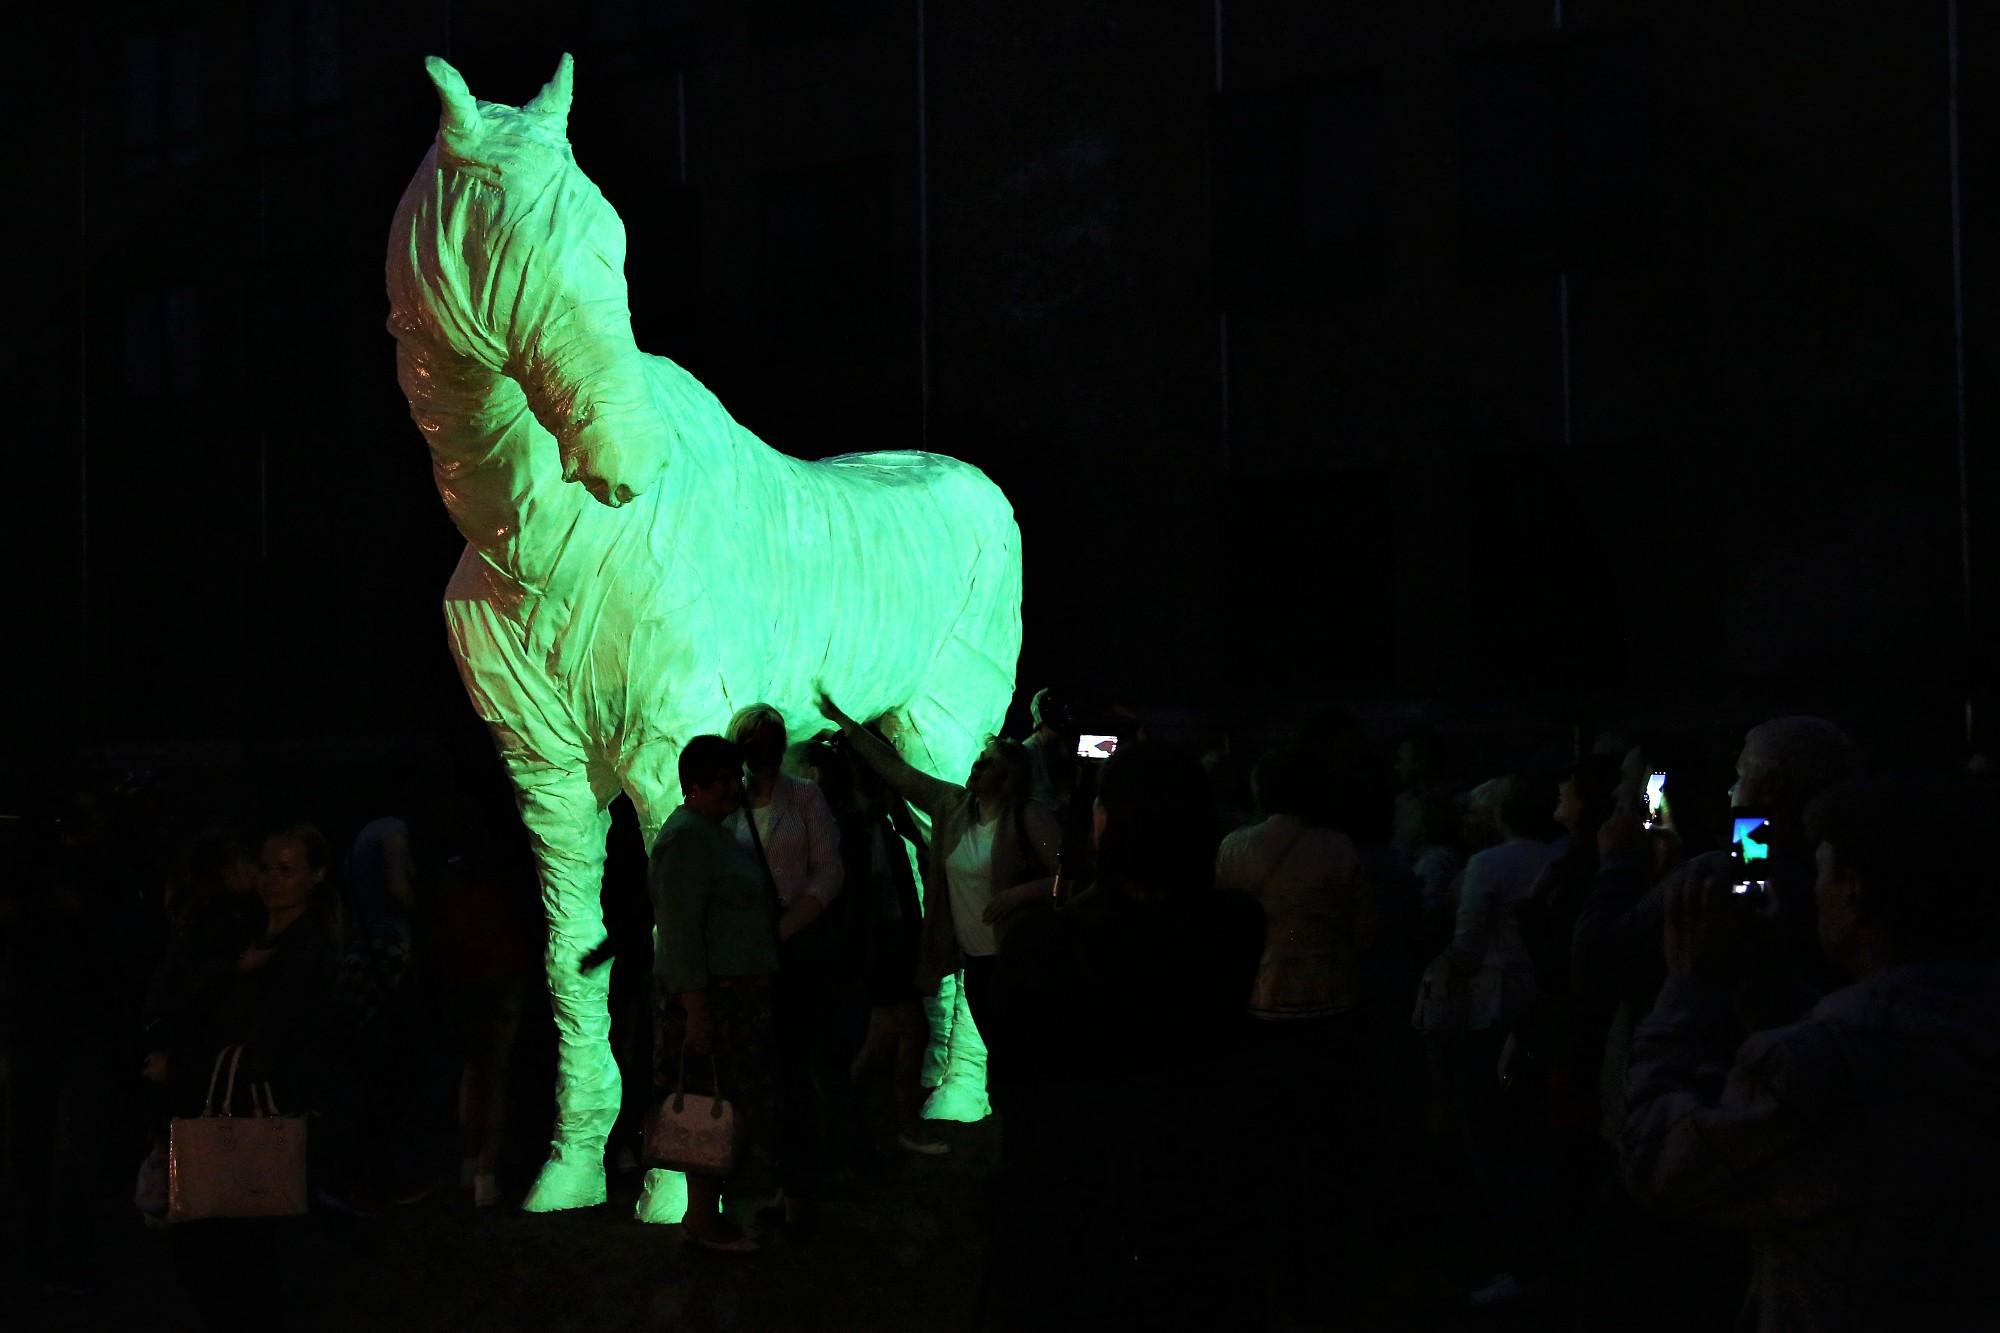 Svinīgi atklāts Rotko centra interaktīvais spoku zirgs